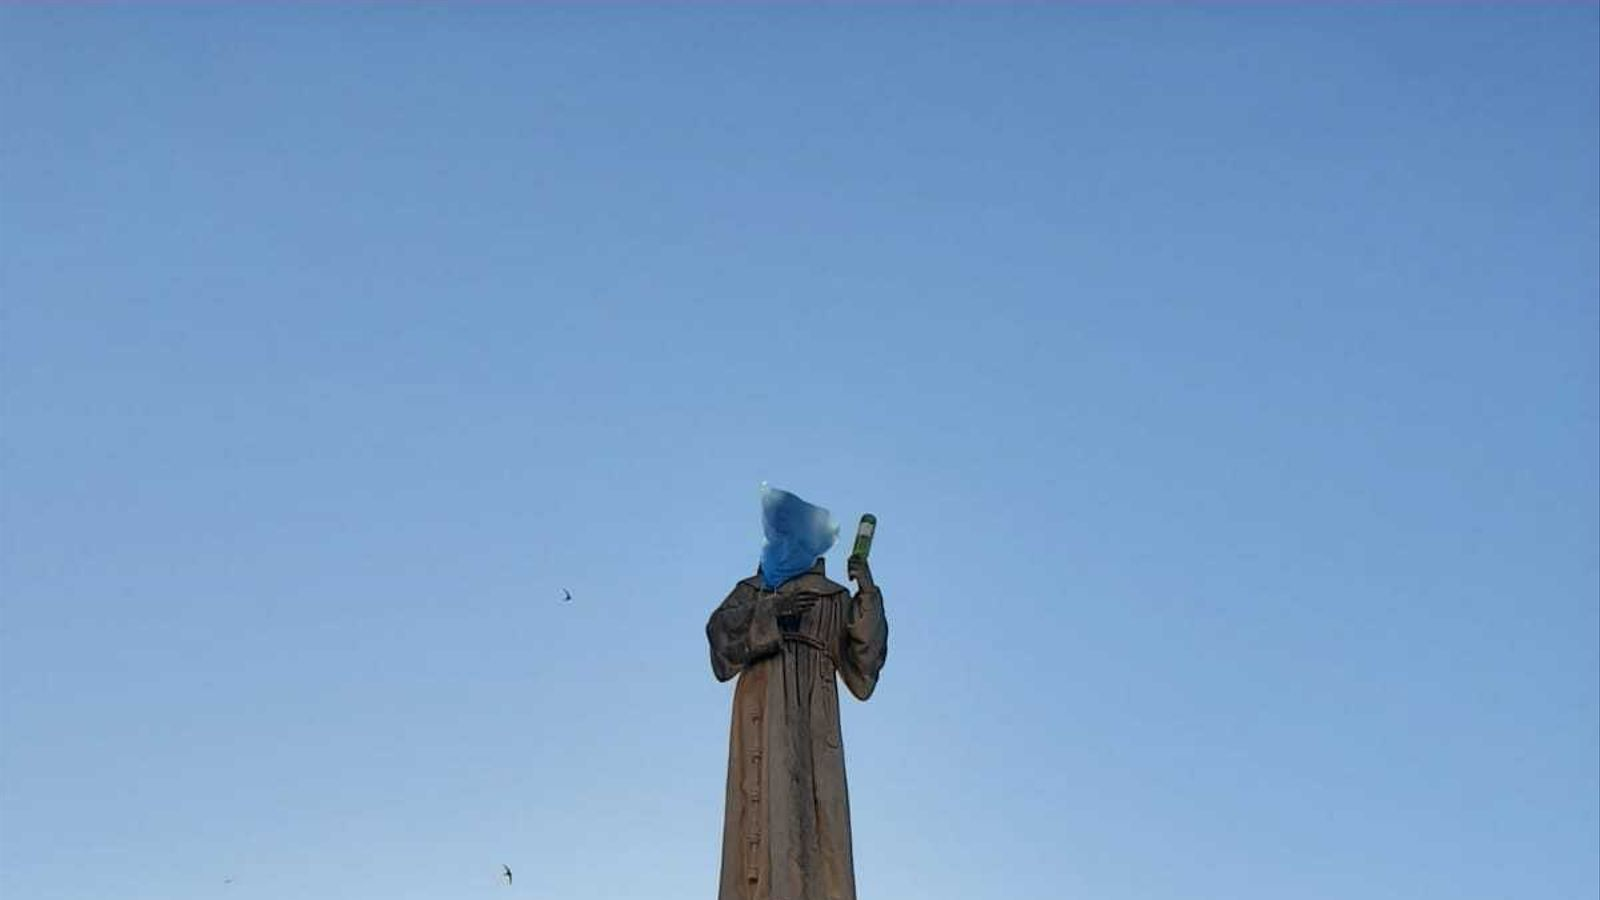 L'estàtua del Pare Serra amb la bossa al cap i una botella a la mà esquerra.